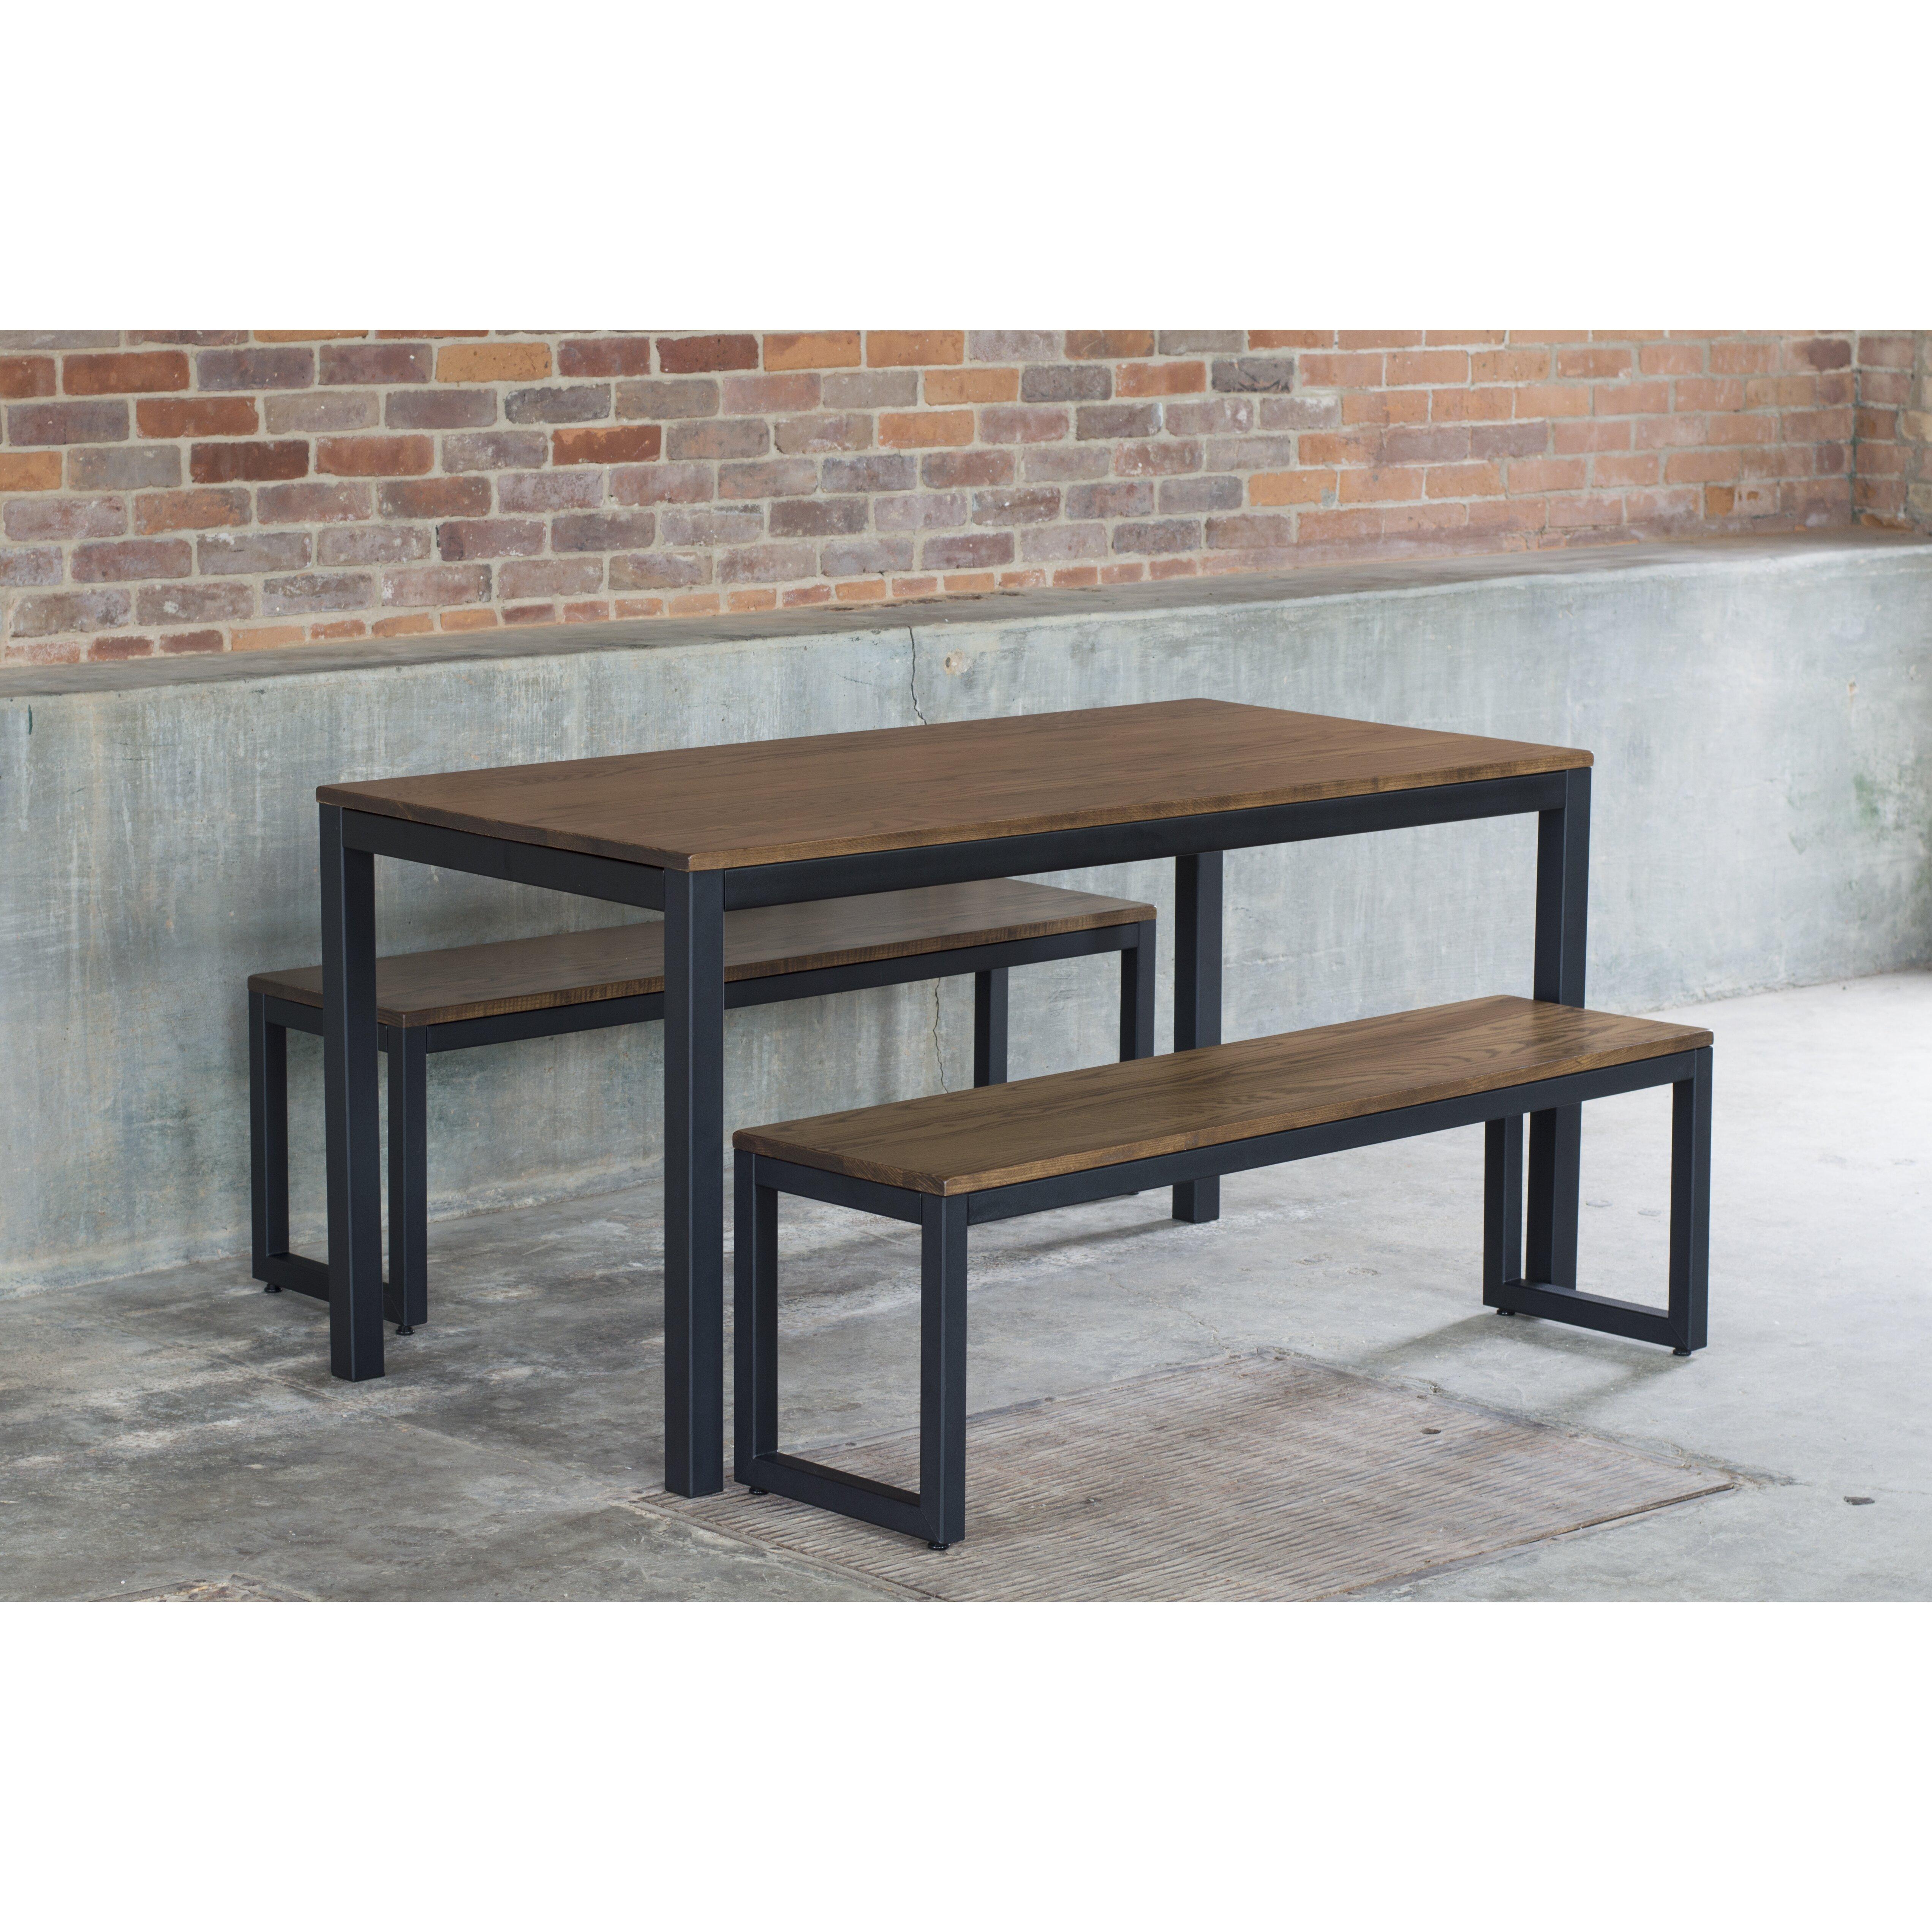 Elan furniture loft dining table reviews wayfair for Wayfair furniture dining tables